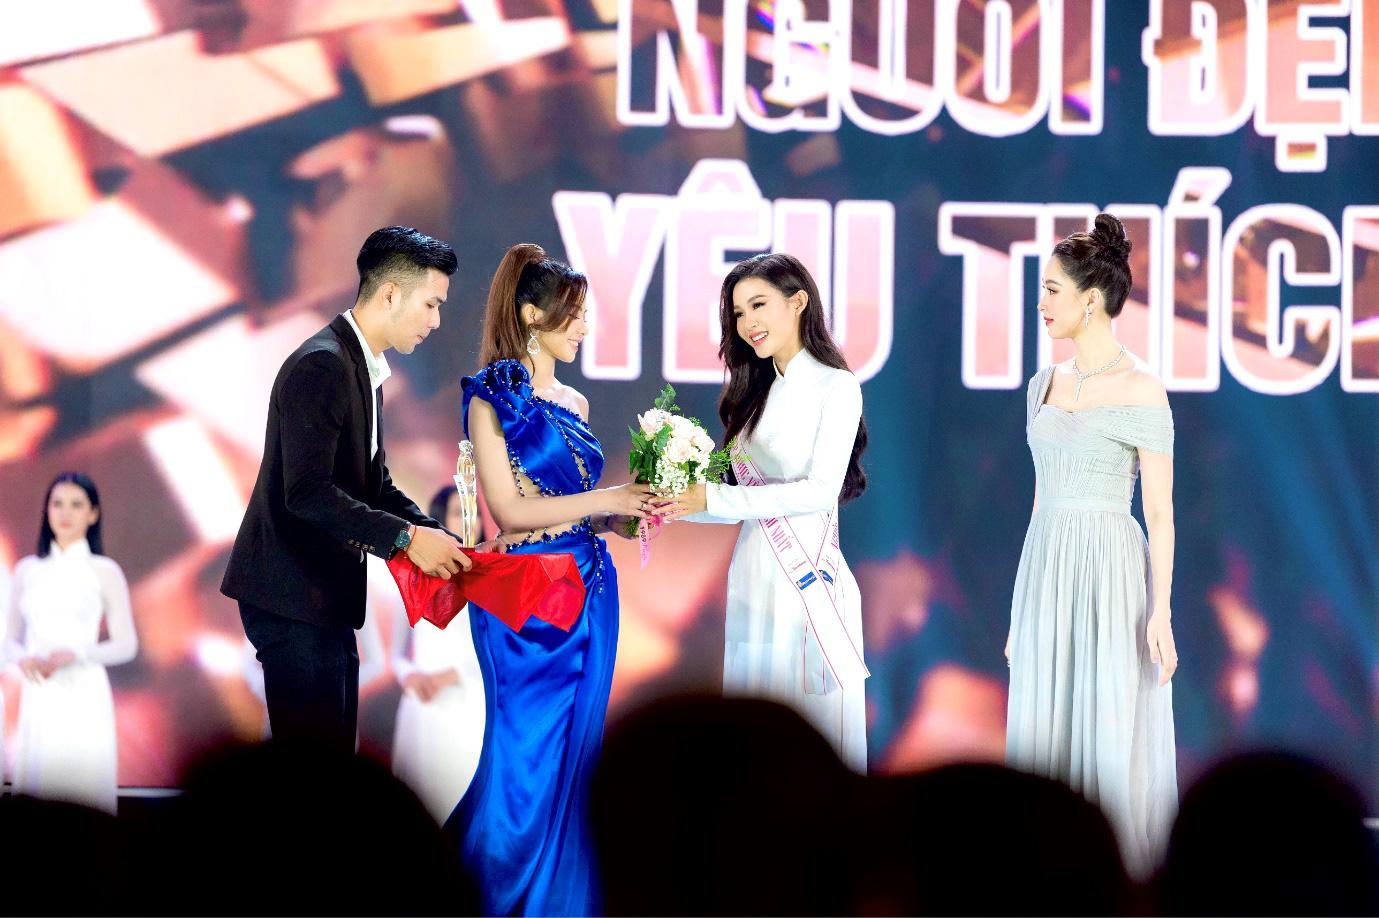 Đậu Hải Minh Anh: Giải thưởng Người đẹp được yêu thích nhất là dấu mốc đời tôi - Ảnh 1.